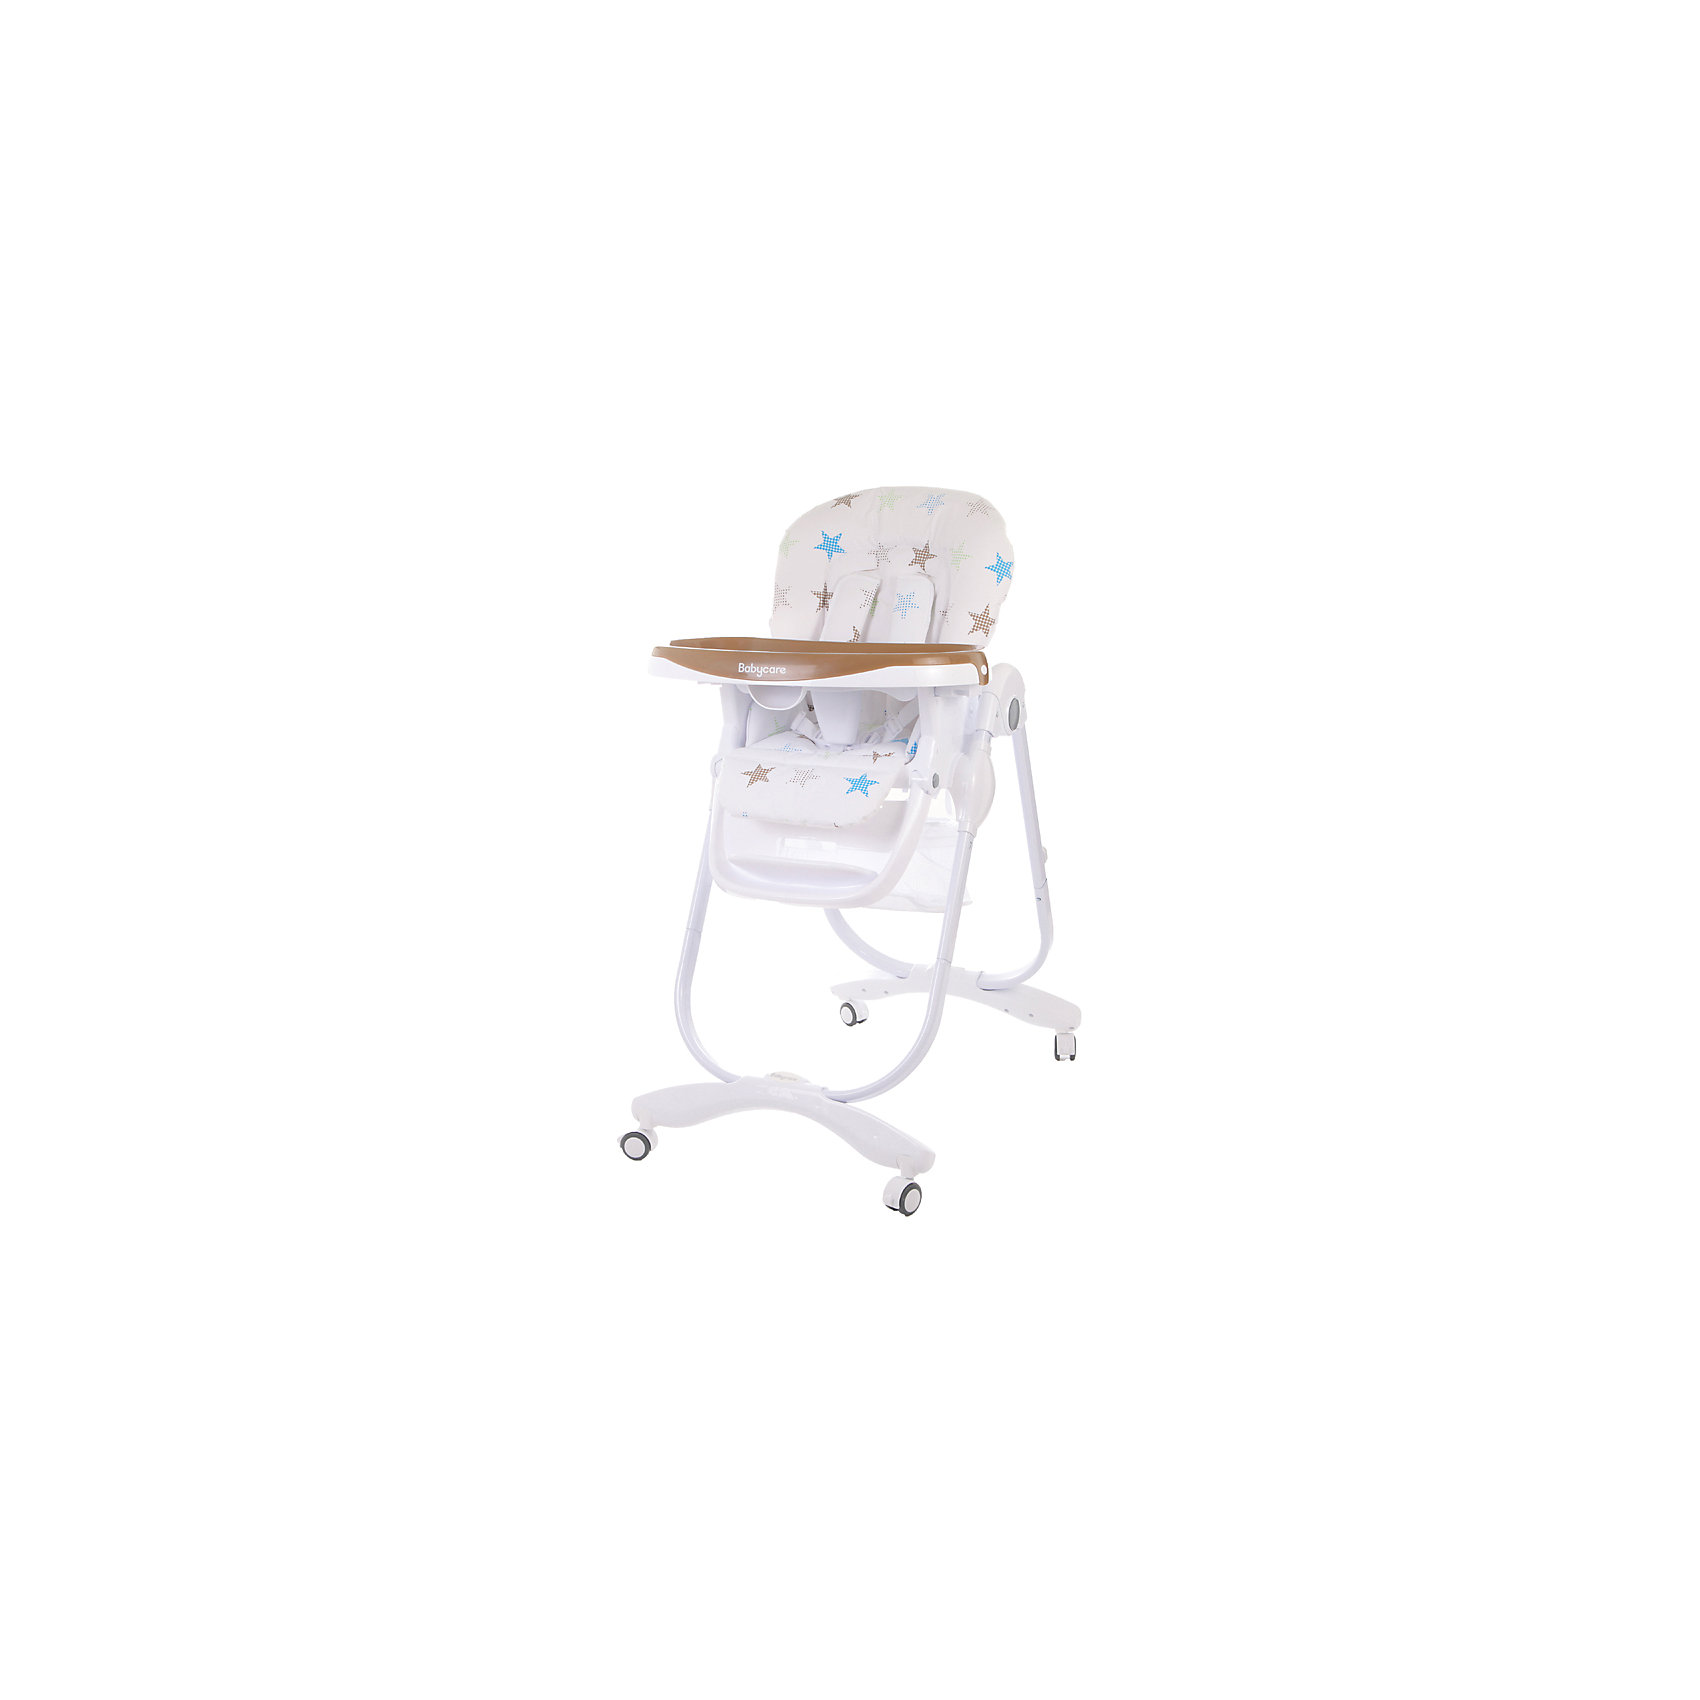 Стульчик для кормления Trona, Baby Care, коричневыйСтульчик для кормления Baby Care Trona<br><br>Дополнительная информация:<br><br>7 уровней высоты кресла<br>3 положения наклона спинки<br>Регулируемая подножка<br>5-ти точечные ремни безопасности и ограничитель<br>3 положения глубины столешницы<br>Съемная дополнительная прозрачная столешница<br>Сетка для игрушек<br>Стульчик легко складывается и устойчив в сложенном виде.                                                                          <br>Вес стульчика: 9.6 кг<br>Размер стульчика в собранном состоянии: 60х58х110 см<br>Размер стульчика в сложенном состоянии: 58х32х100 см<br>Ширина сиденья: 33 см<br><br>Стульчик для кормления Trona, Baby Care, коричневый можно купить в нашем магазине.<br><br>Ширина мм: 600<br>Глубина мм: 550<br>Высота мм: 320<br>Вес г: 10800<br>Цвет: коричневый<br>Возраст от месяцев: 6<br>Возраст до месяцев: 60<br>Пол: Унисекс<br>Возраст: Детский<br>SKU: 4651201